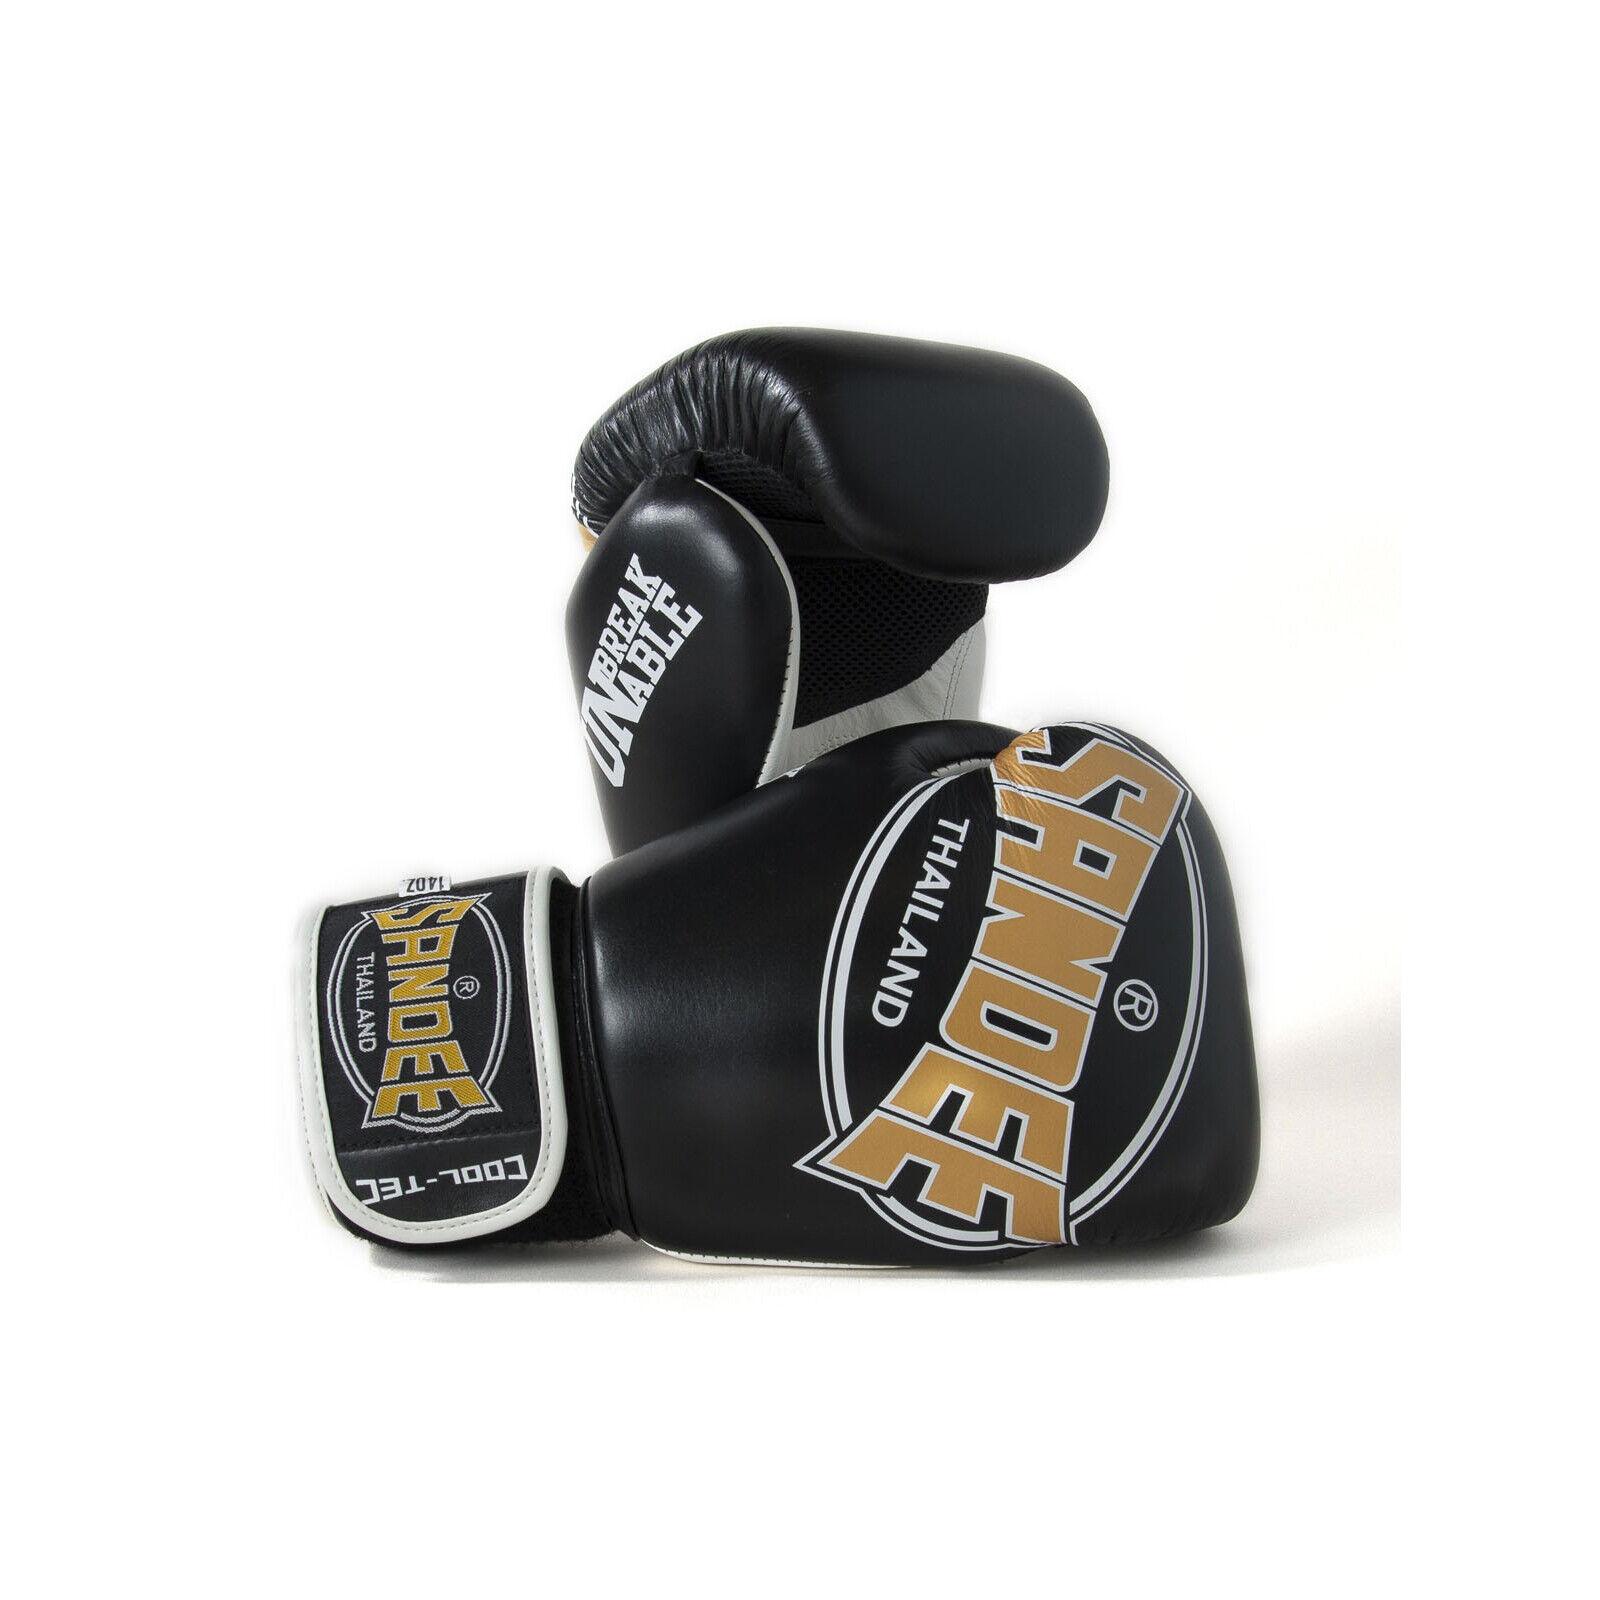 Seee CoolTec scatolae Guanti oro Nero Muay Thai Kickscatolaing Kickscatolaing Kickscatolaing Colpire tuttienamento 9e8